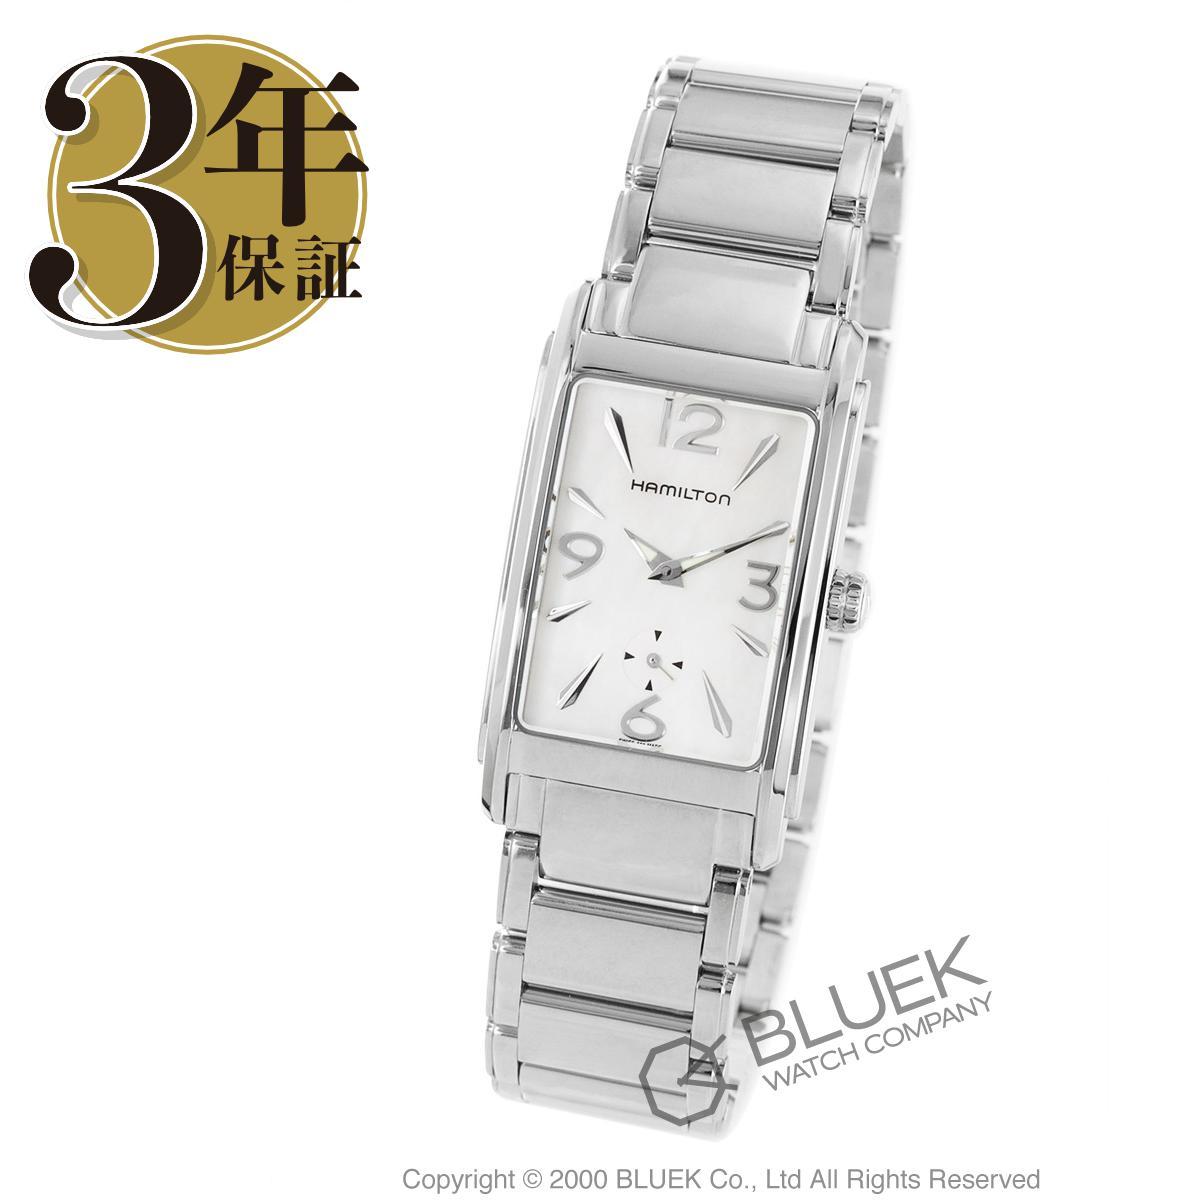 ハミルトン アードモア 腕時計 レディース HAMILTON H11411155_3